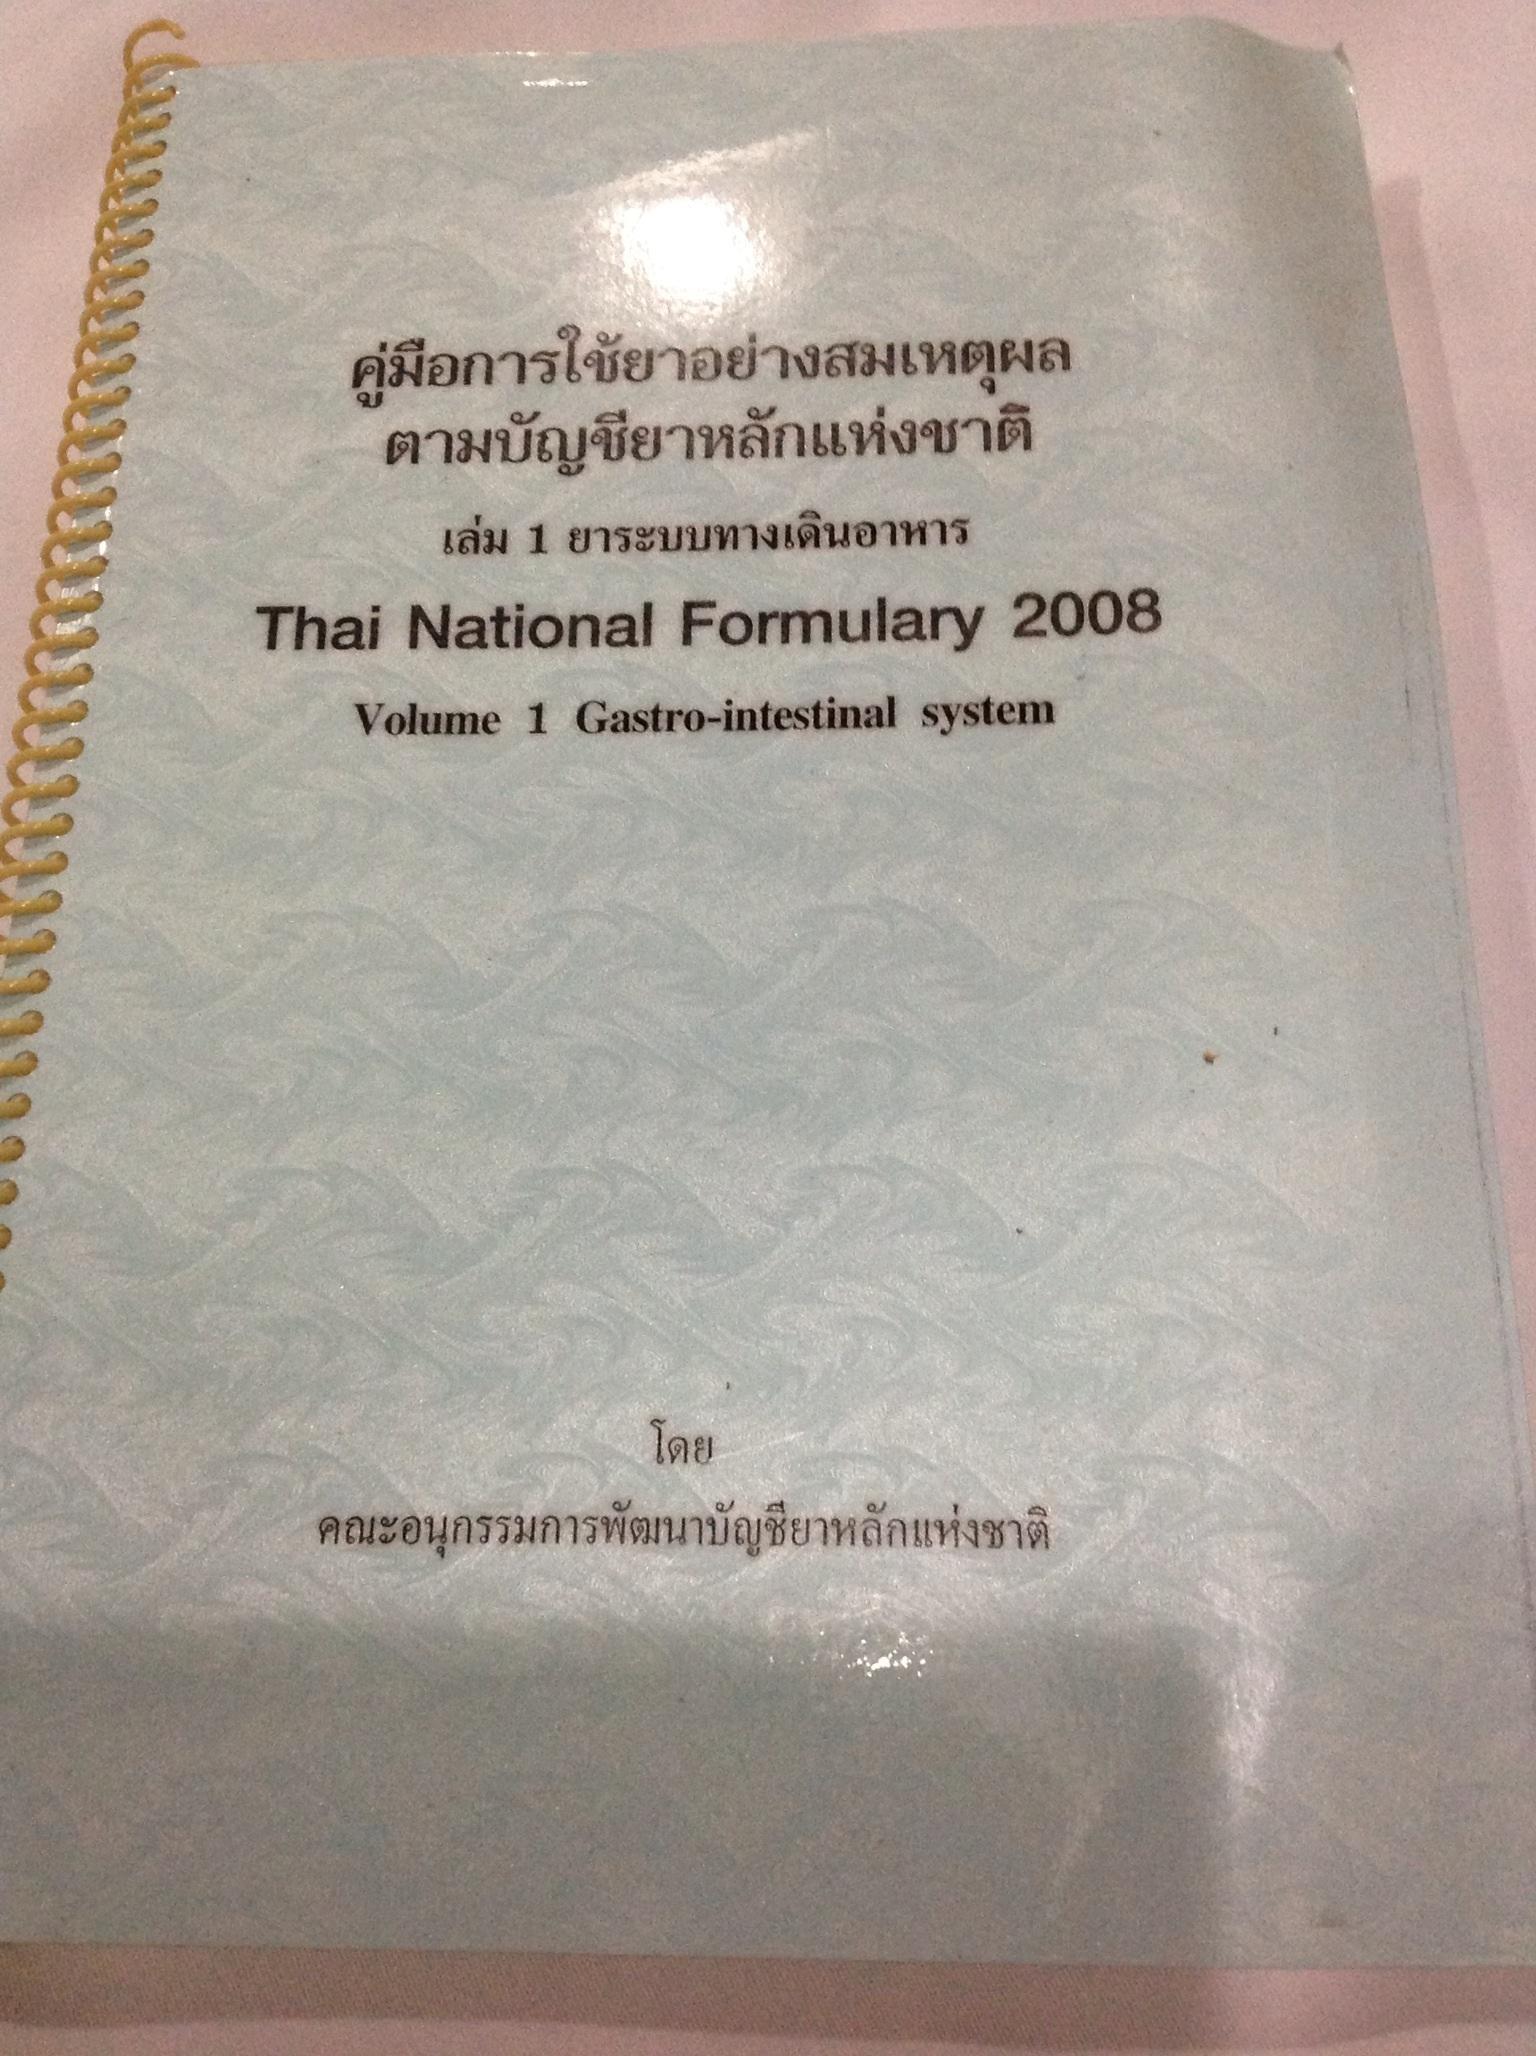 คู่มือการใช้ยาอย่างสมเหตุสมผล ตามบัญชียาหลักแห่งชาติ เล่ม 1 ยาระบบทางเดินอาหาร (แบบถ่ายสำเนา)